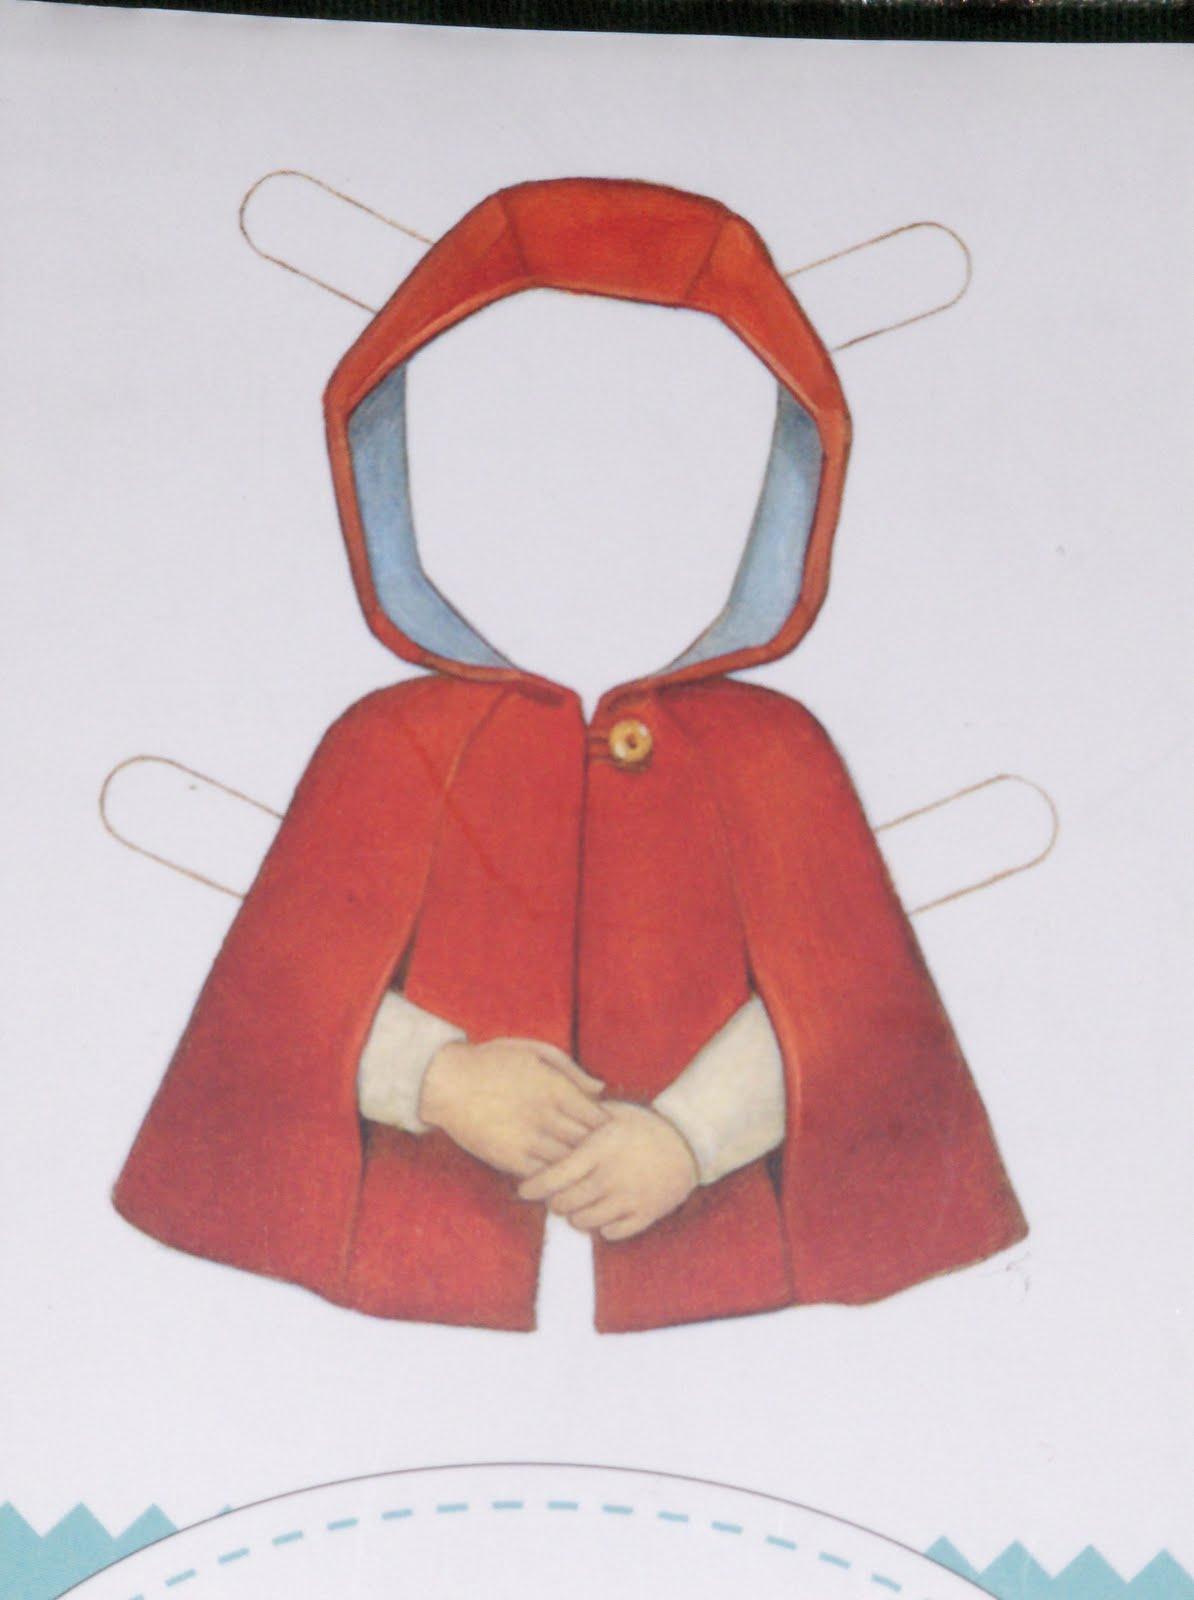 El objetivo es hacer esta capa de caperucita roja ideal y que tanto se